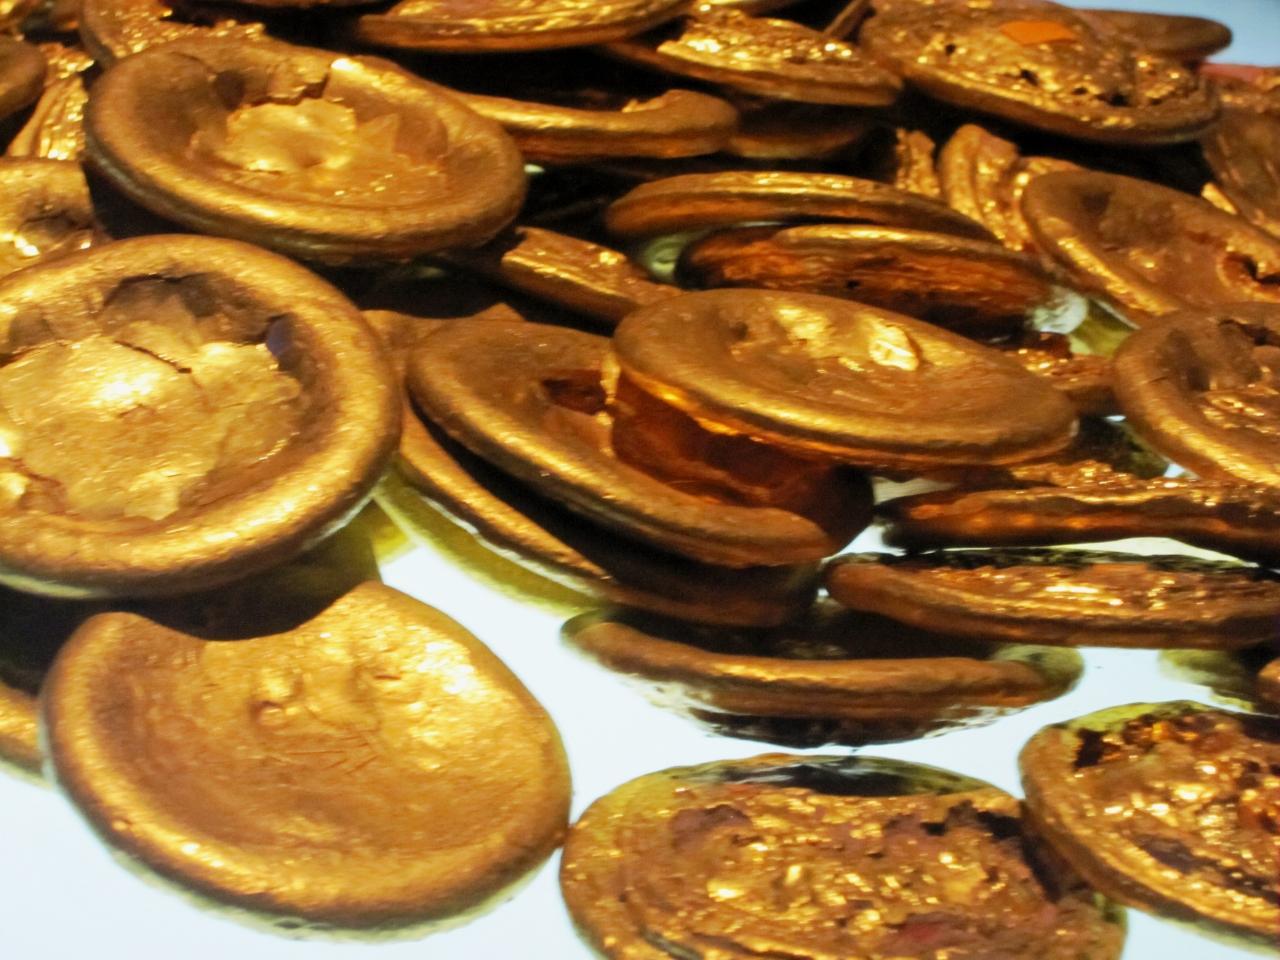 2011暮、中国旅行記21(27:補遺3/4)陝西歴史博物館(3):金製品、青銅器